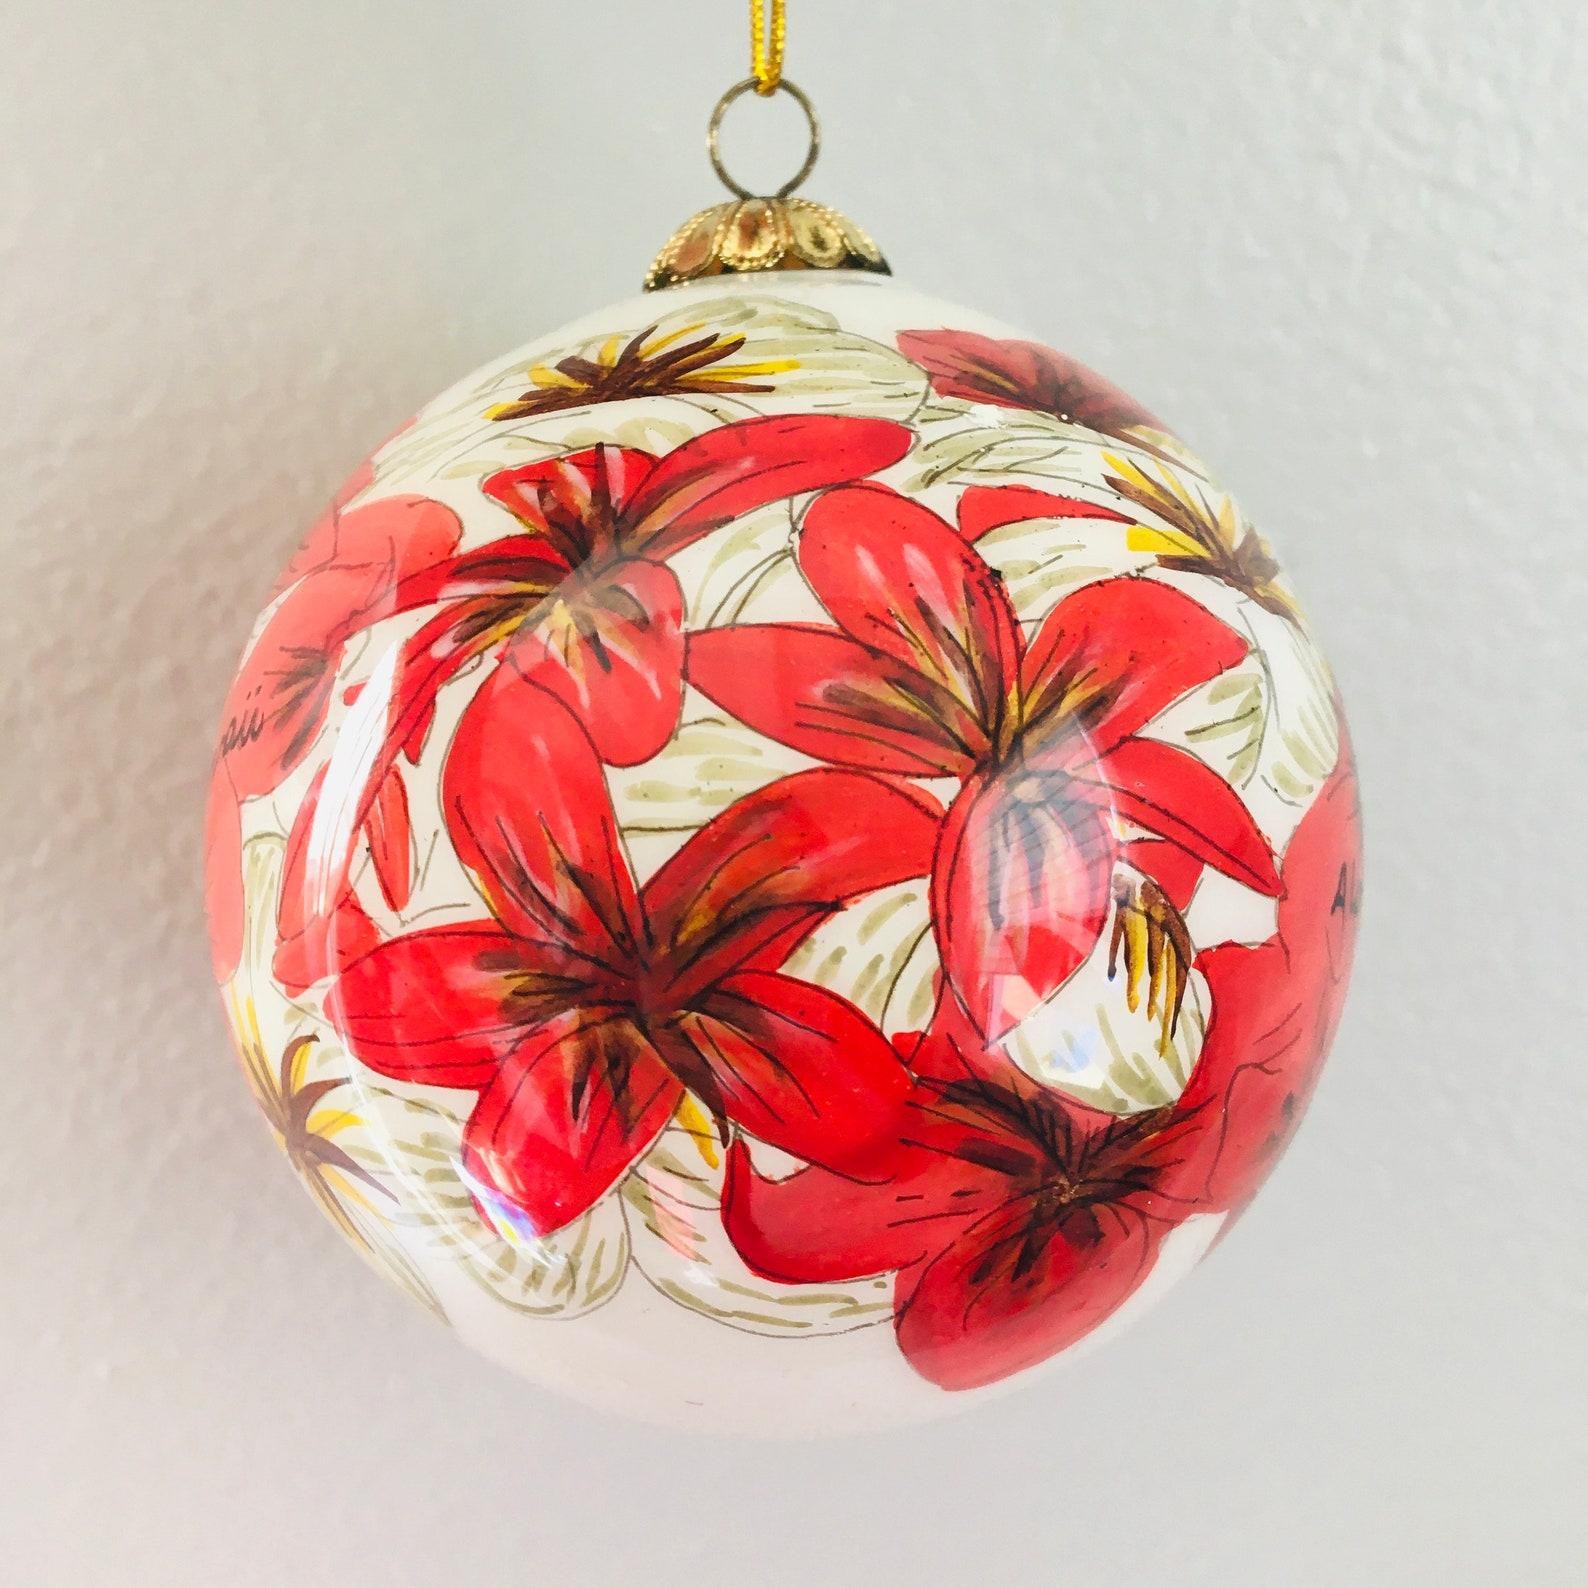 Hawaiian Christmas gifts